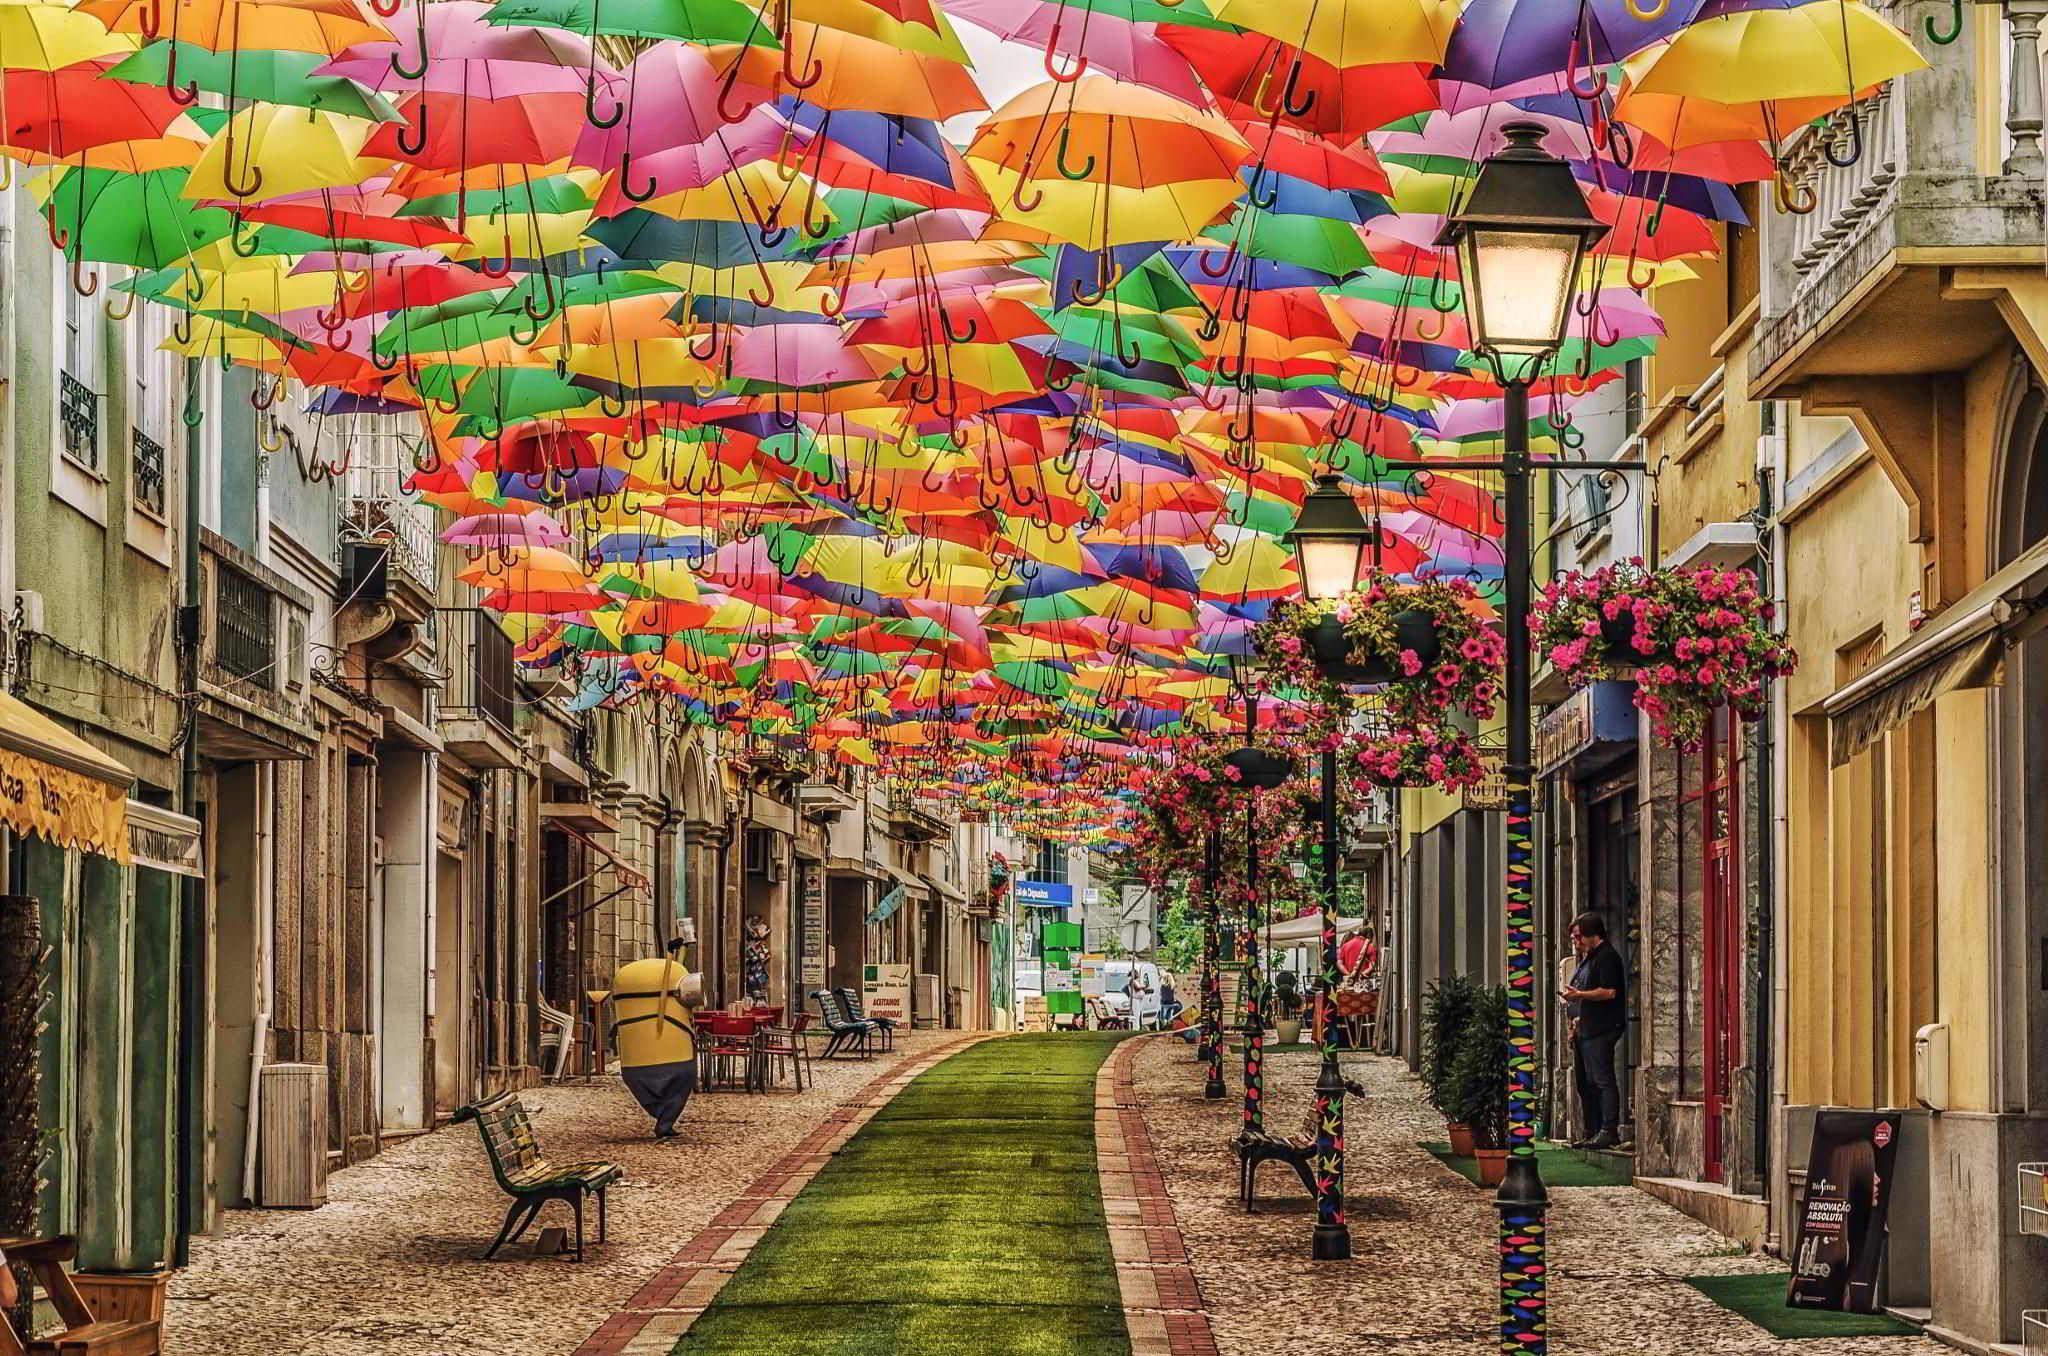 2048x1356, 531 Kb / улица, Португалия, зонты, скамейки, тротуар, фонари, здания